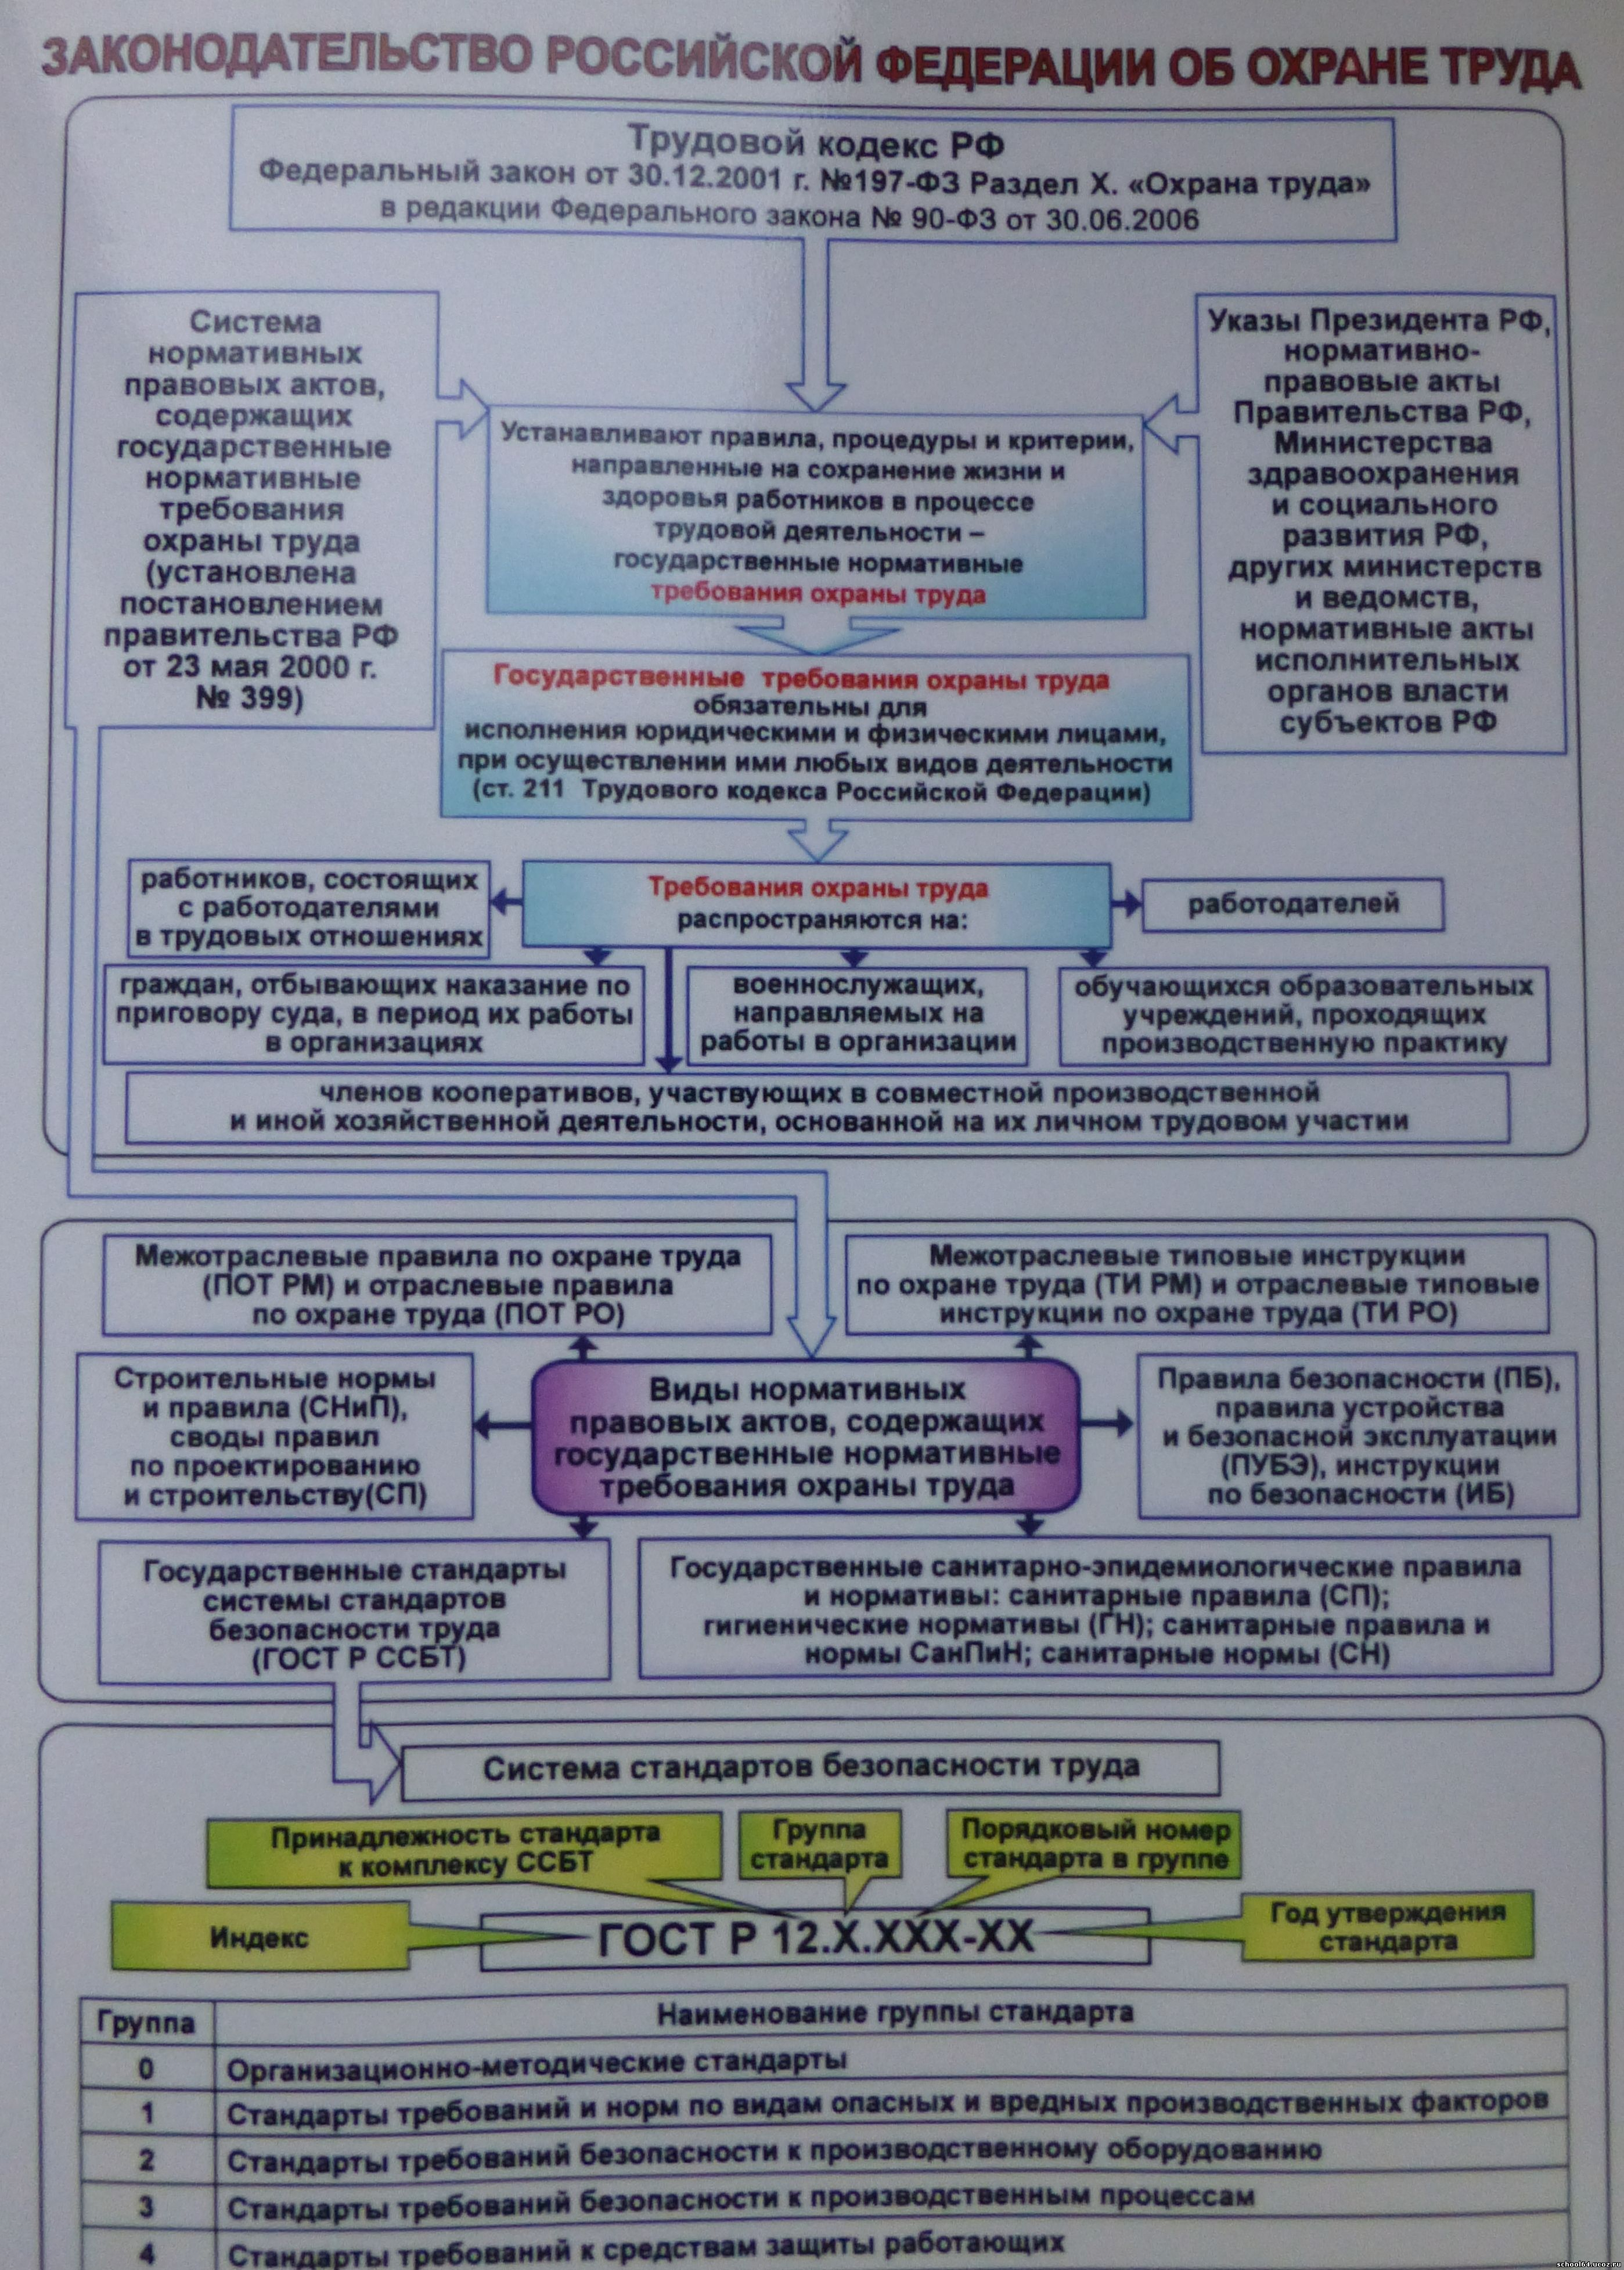 Законодательство по охране труда схема